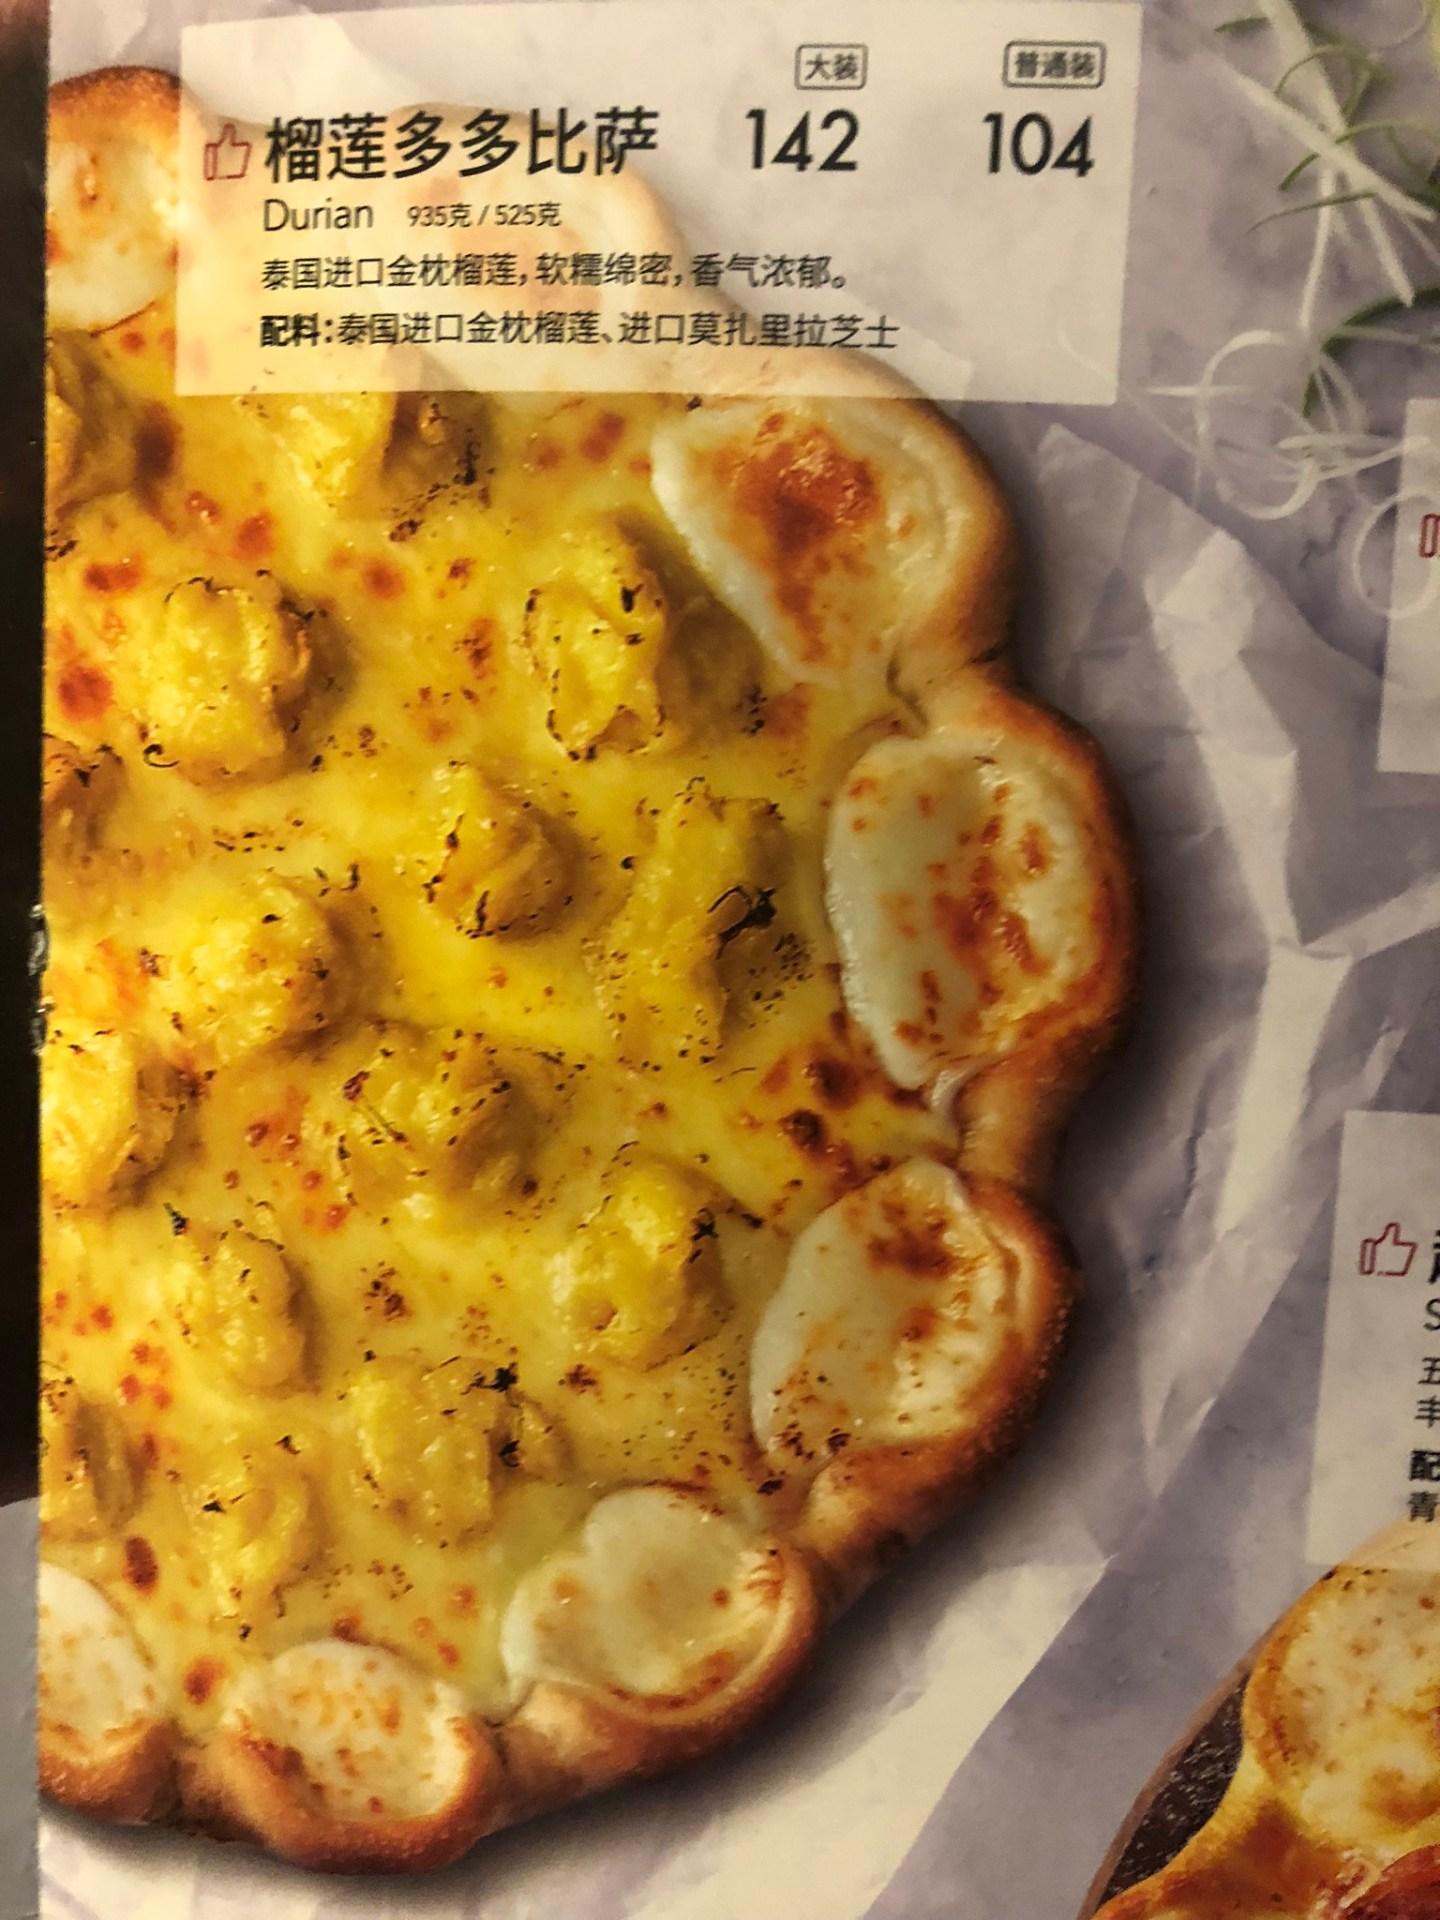 Durian pizza in Beijing Airport